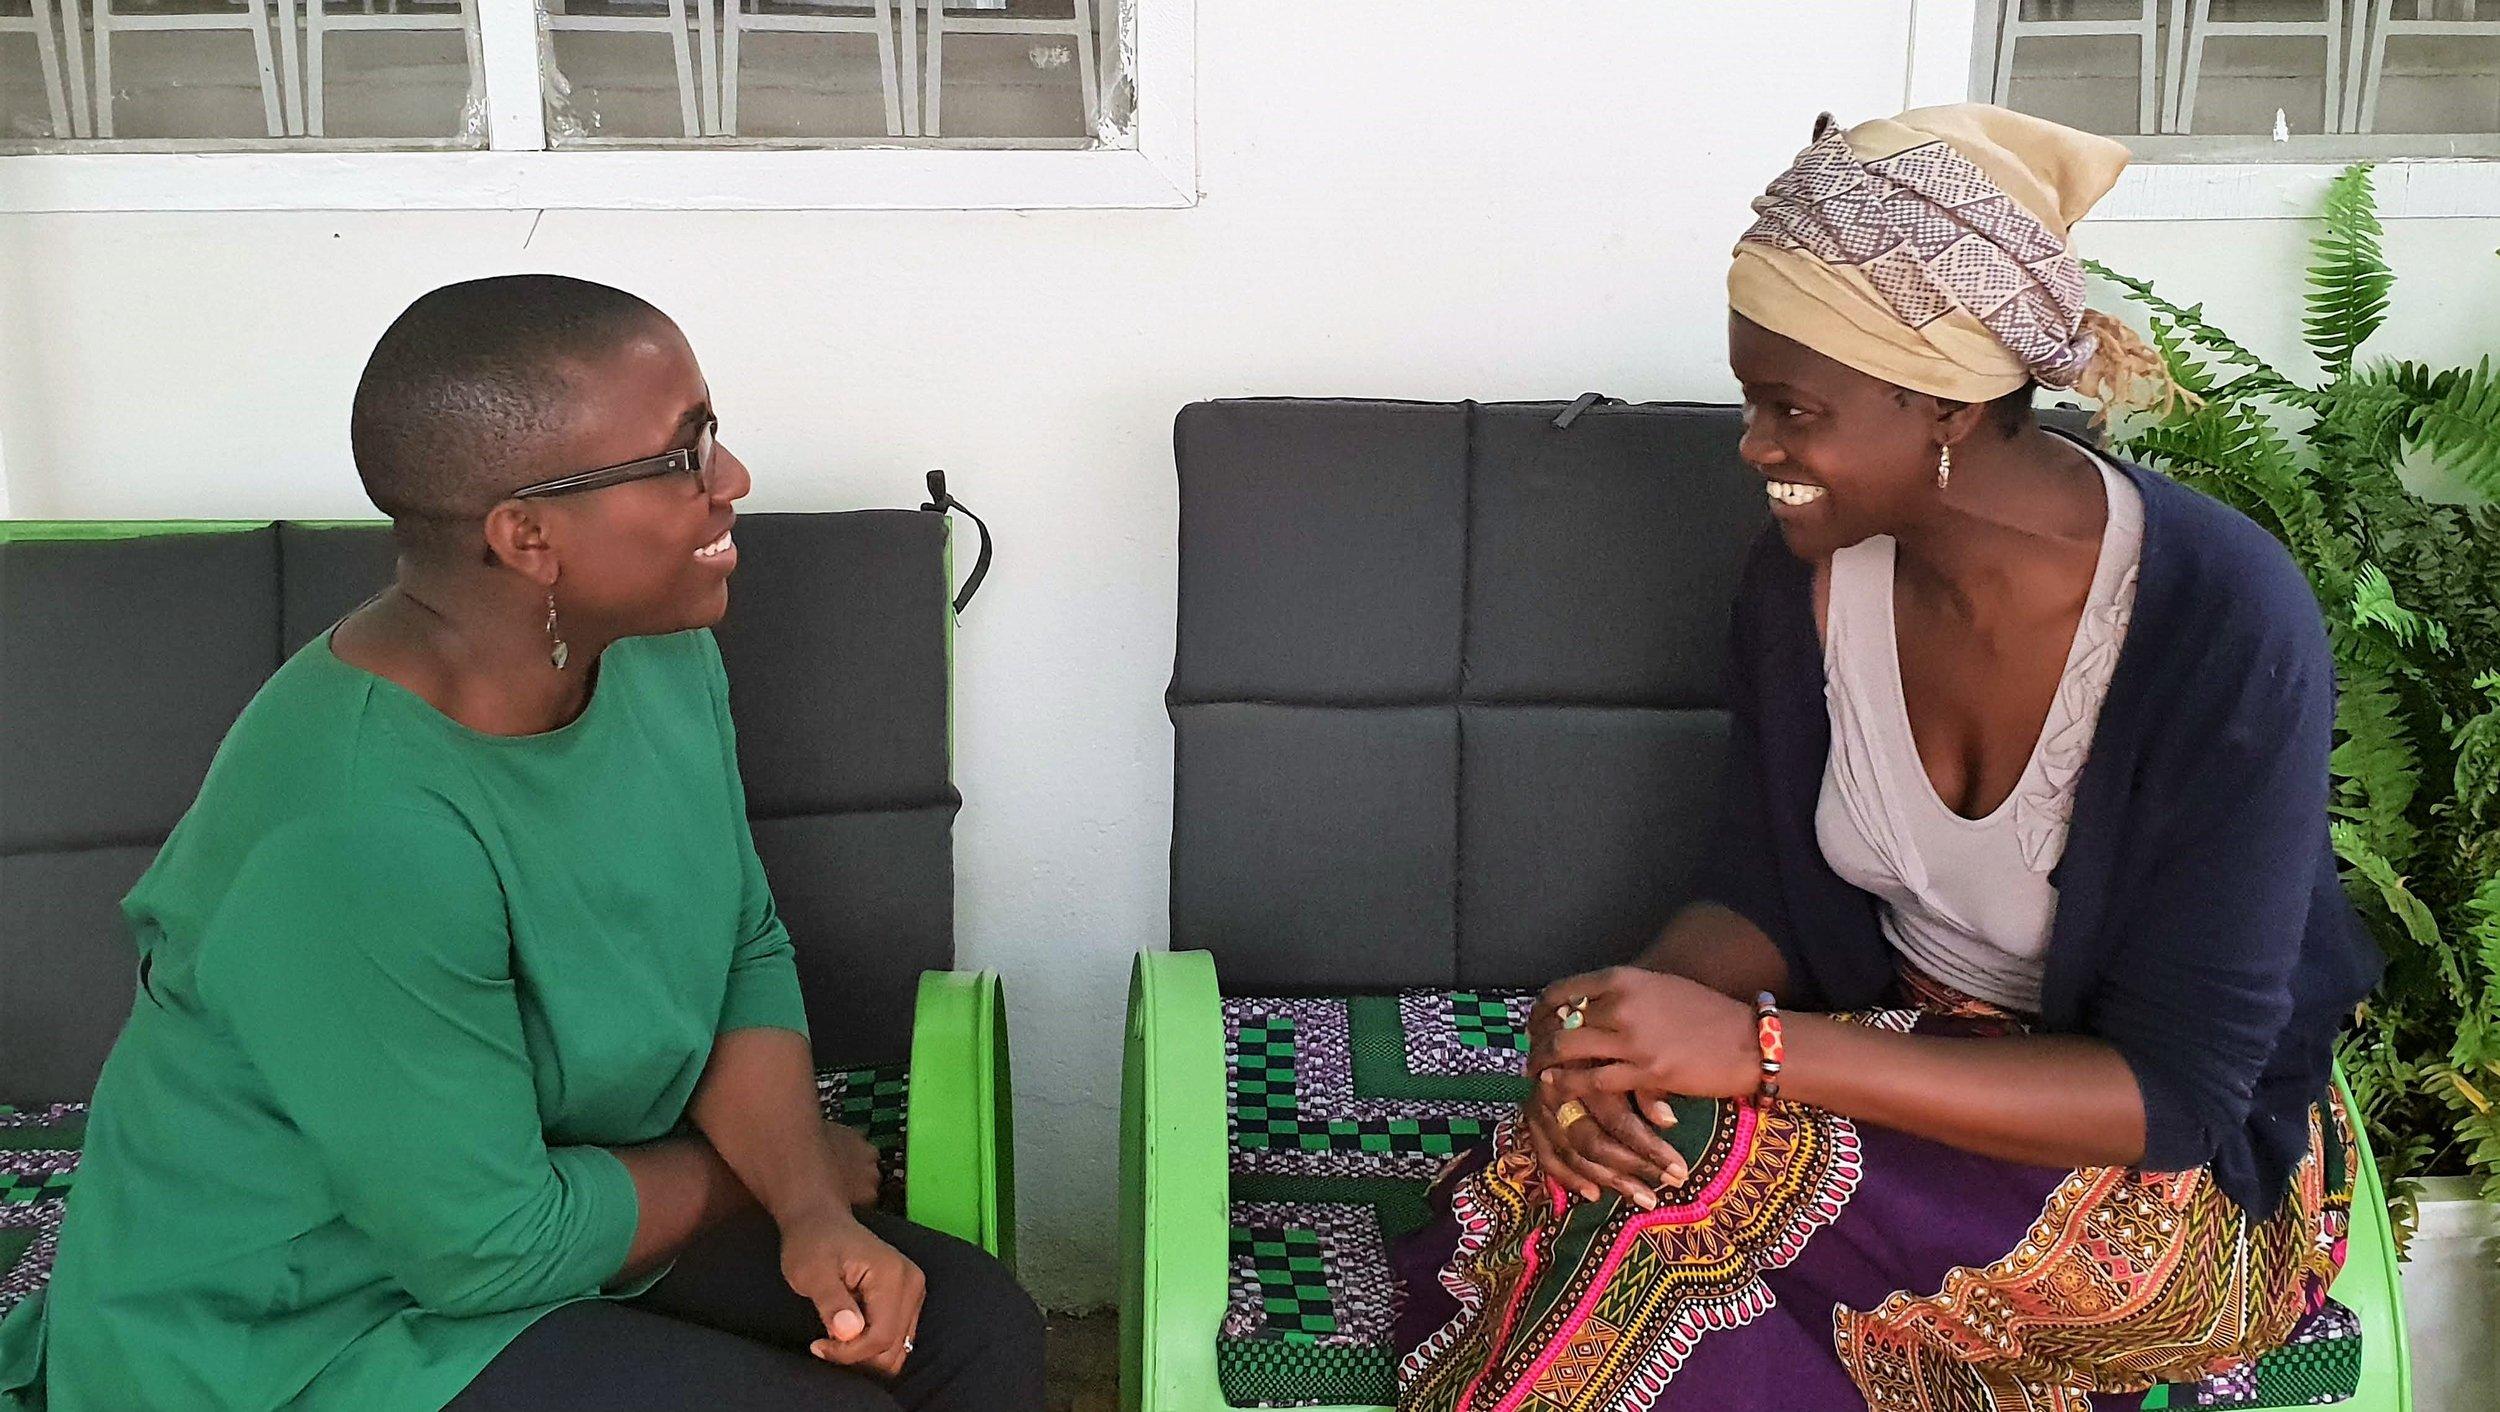 En conversation avec Diakhoumba Gassama. Cr é dits: Eyala.